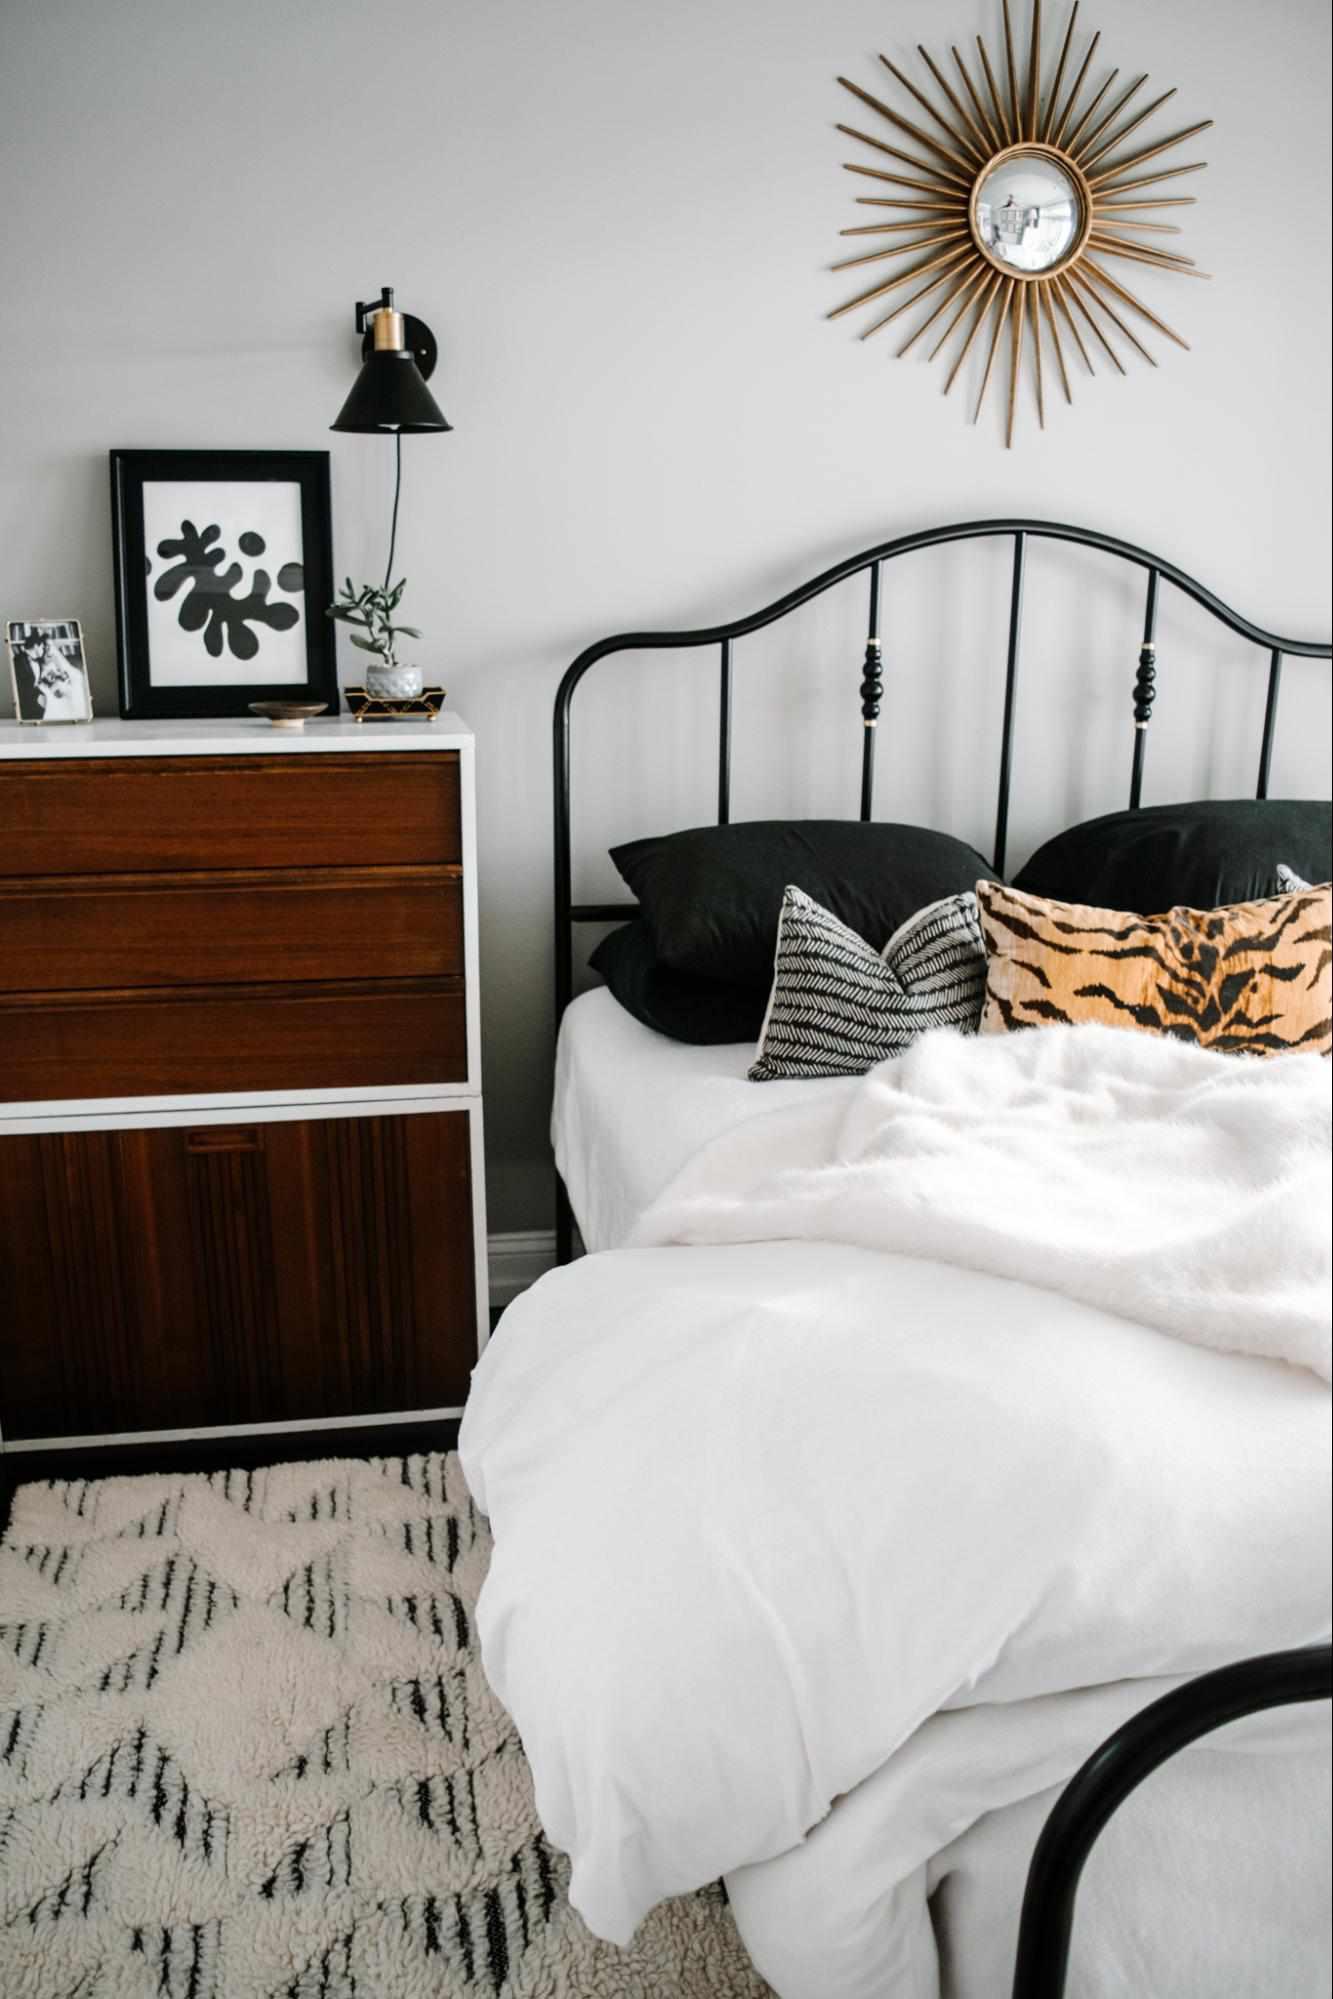 Winter bedding with heavier comforter.